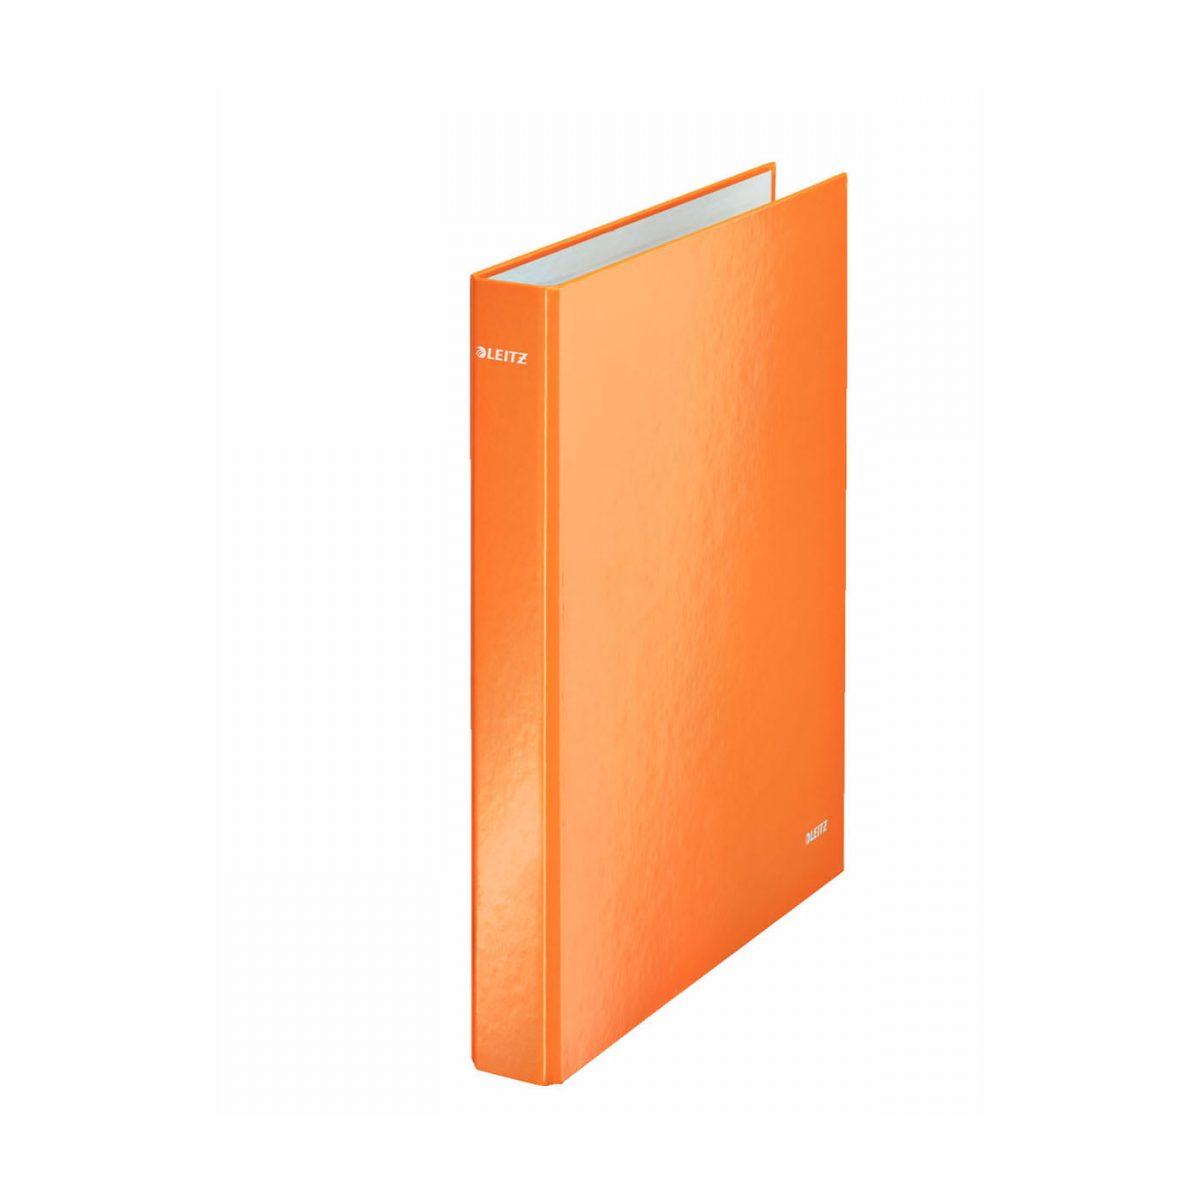 Caiet mecanic LEITZ Wow, mecanism 2DR, inel 25mm, carton laminat - portocaliu metalizat